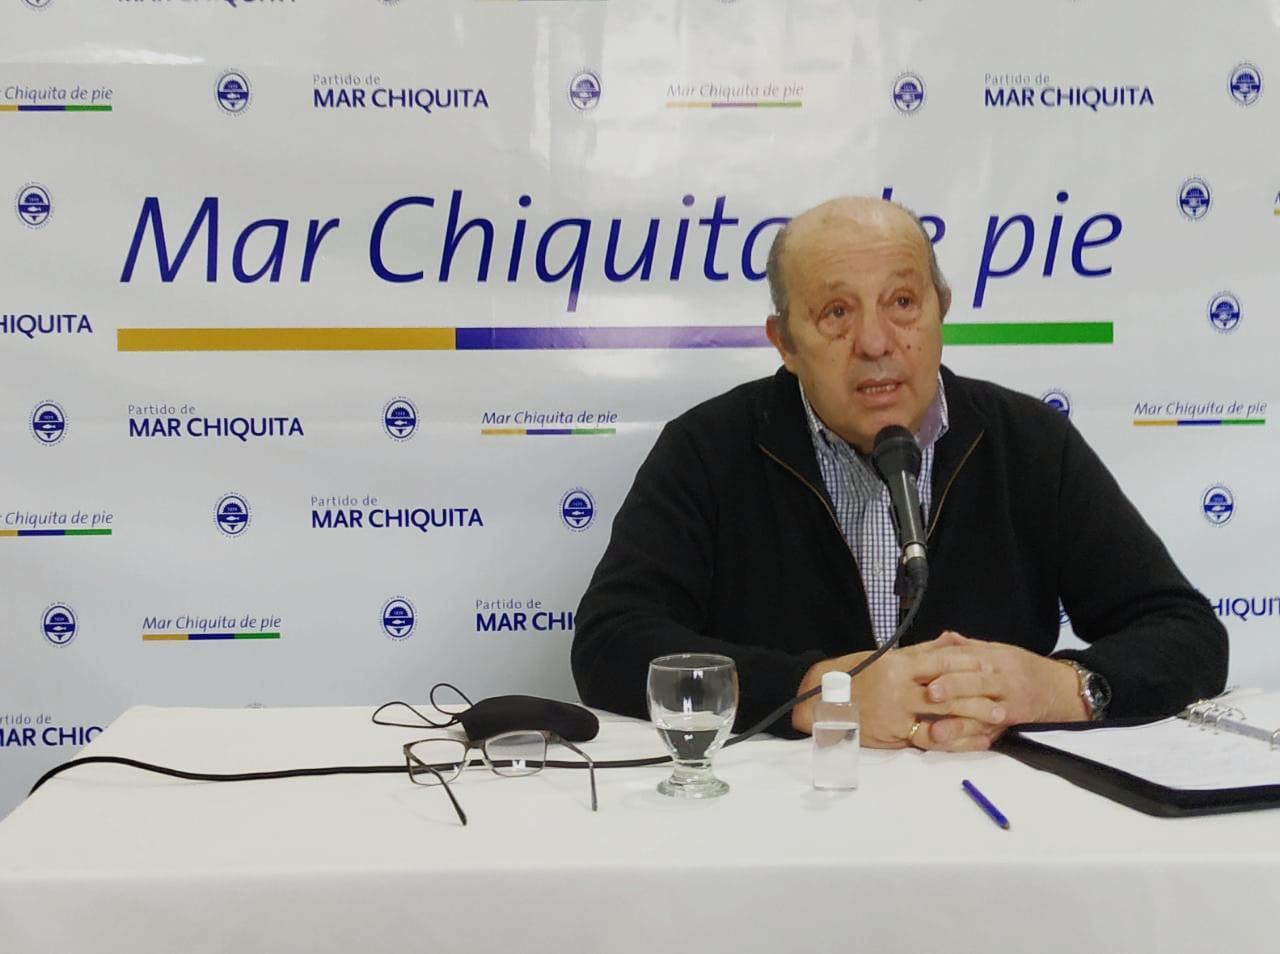 COVID: Con 40 casos activos y en alza, el municipio decidió restringir actividades en la costa marchiquitense